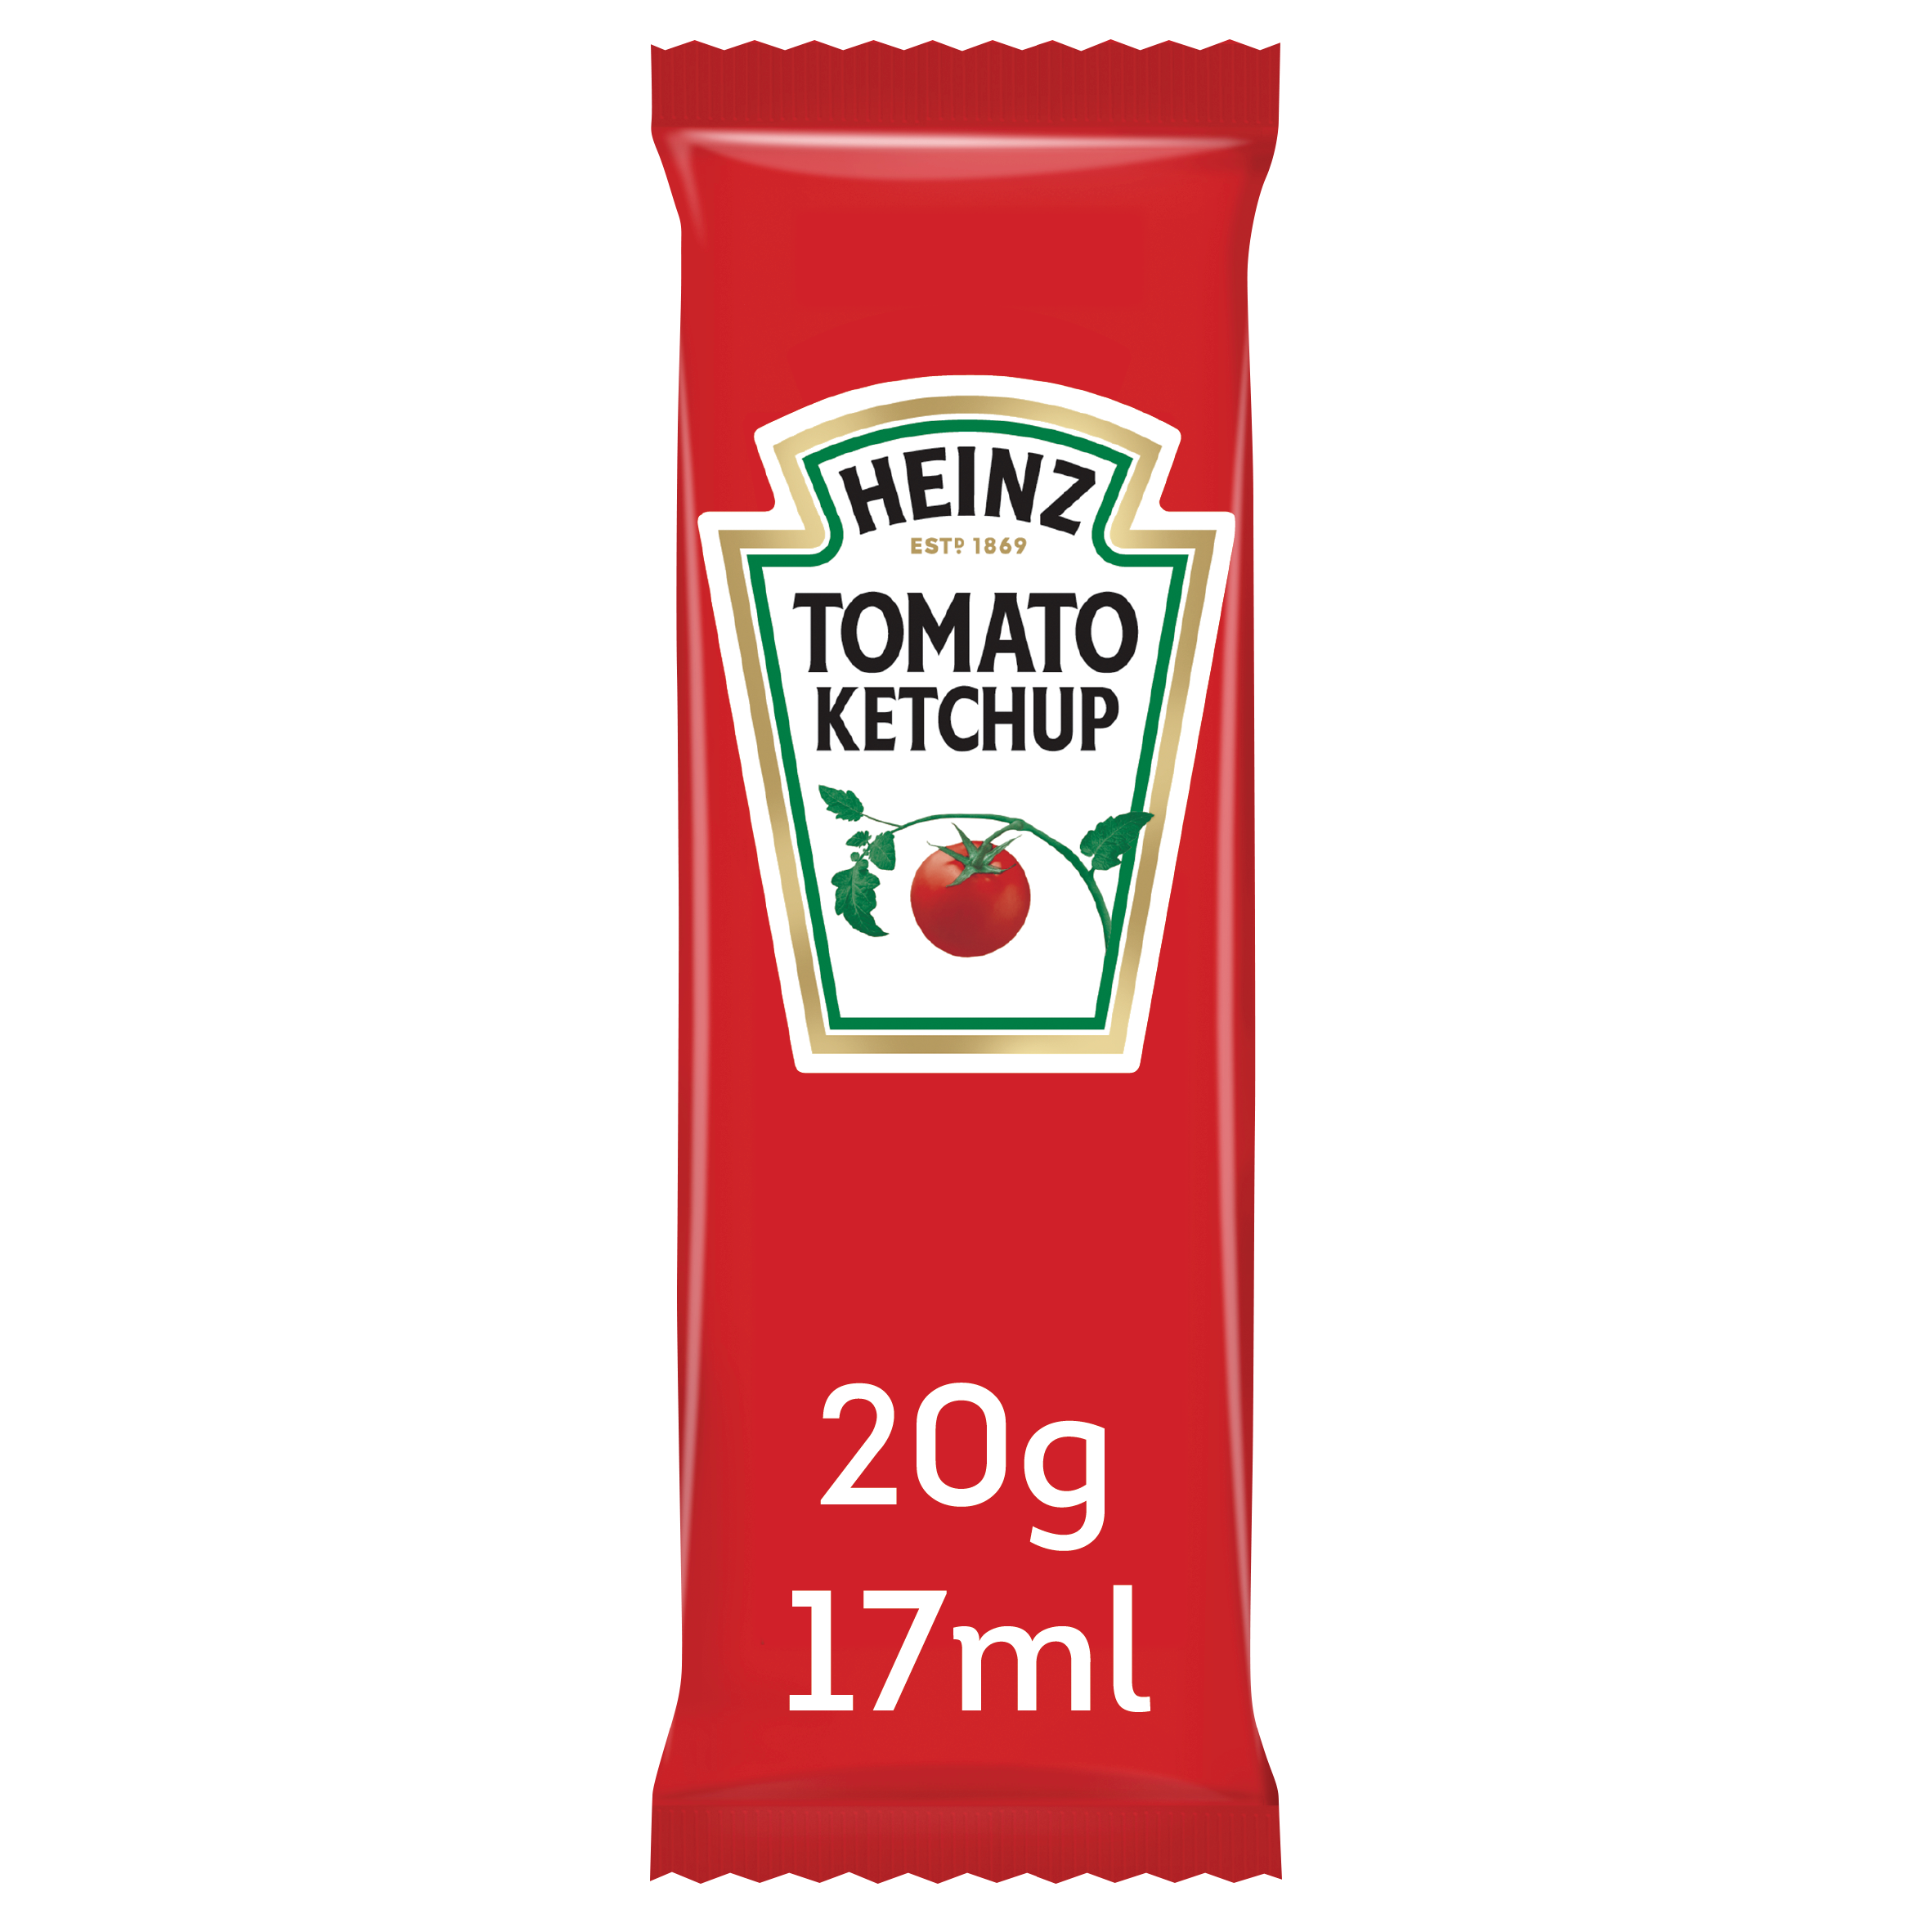 Heinz Tomato Ketchup 17ml Sachet image